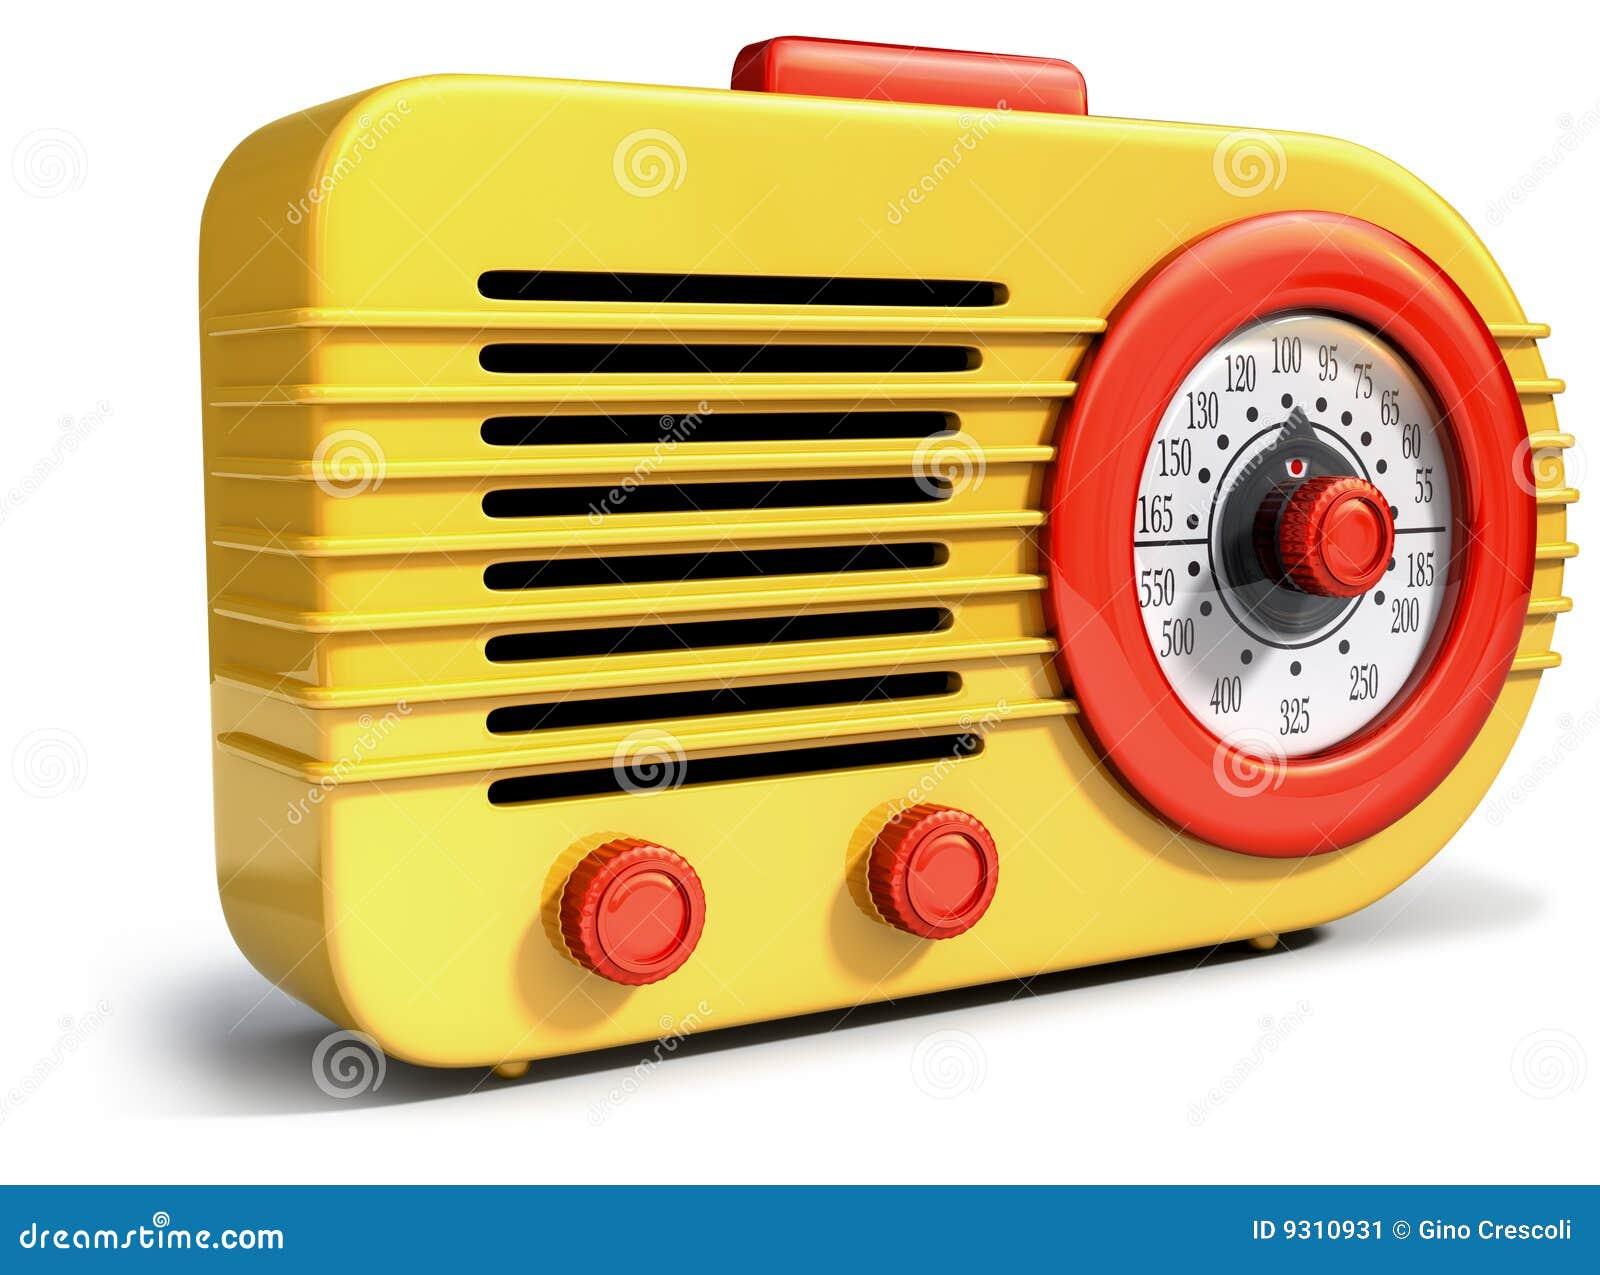 Vintage Radio Receiver Umsatz